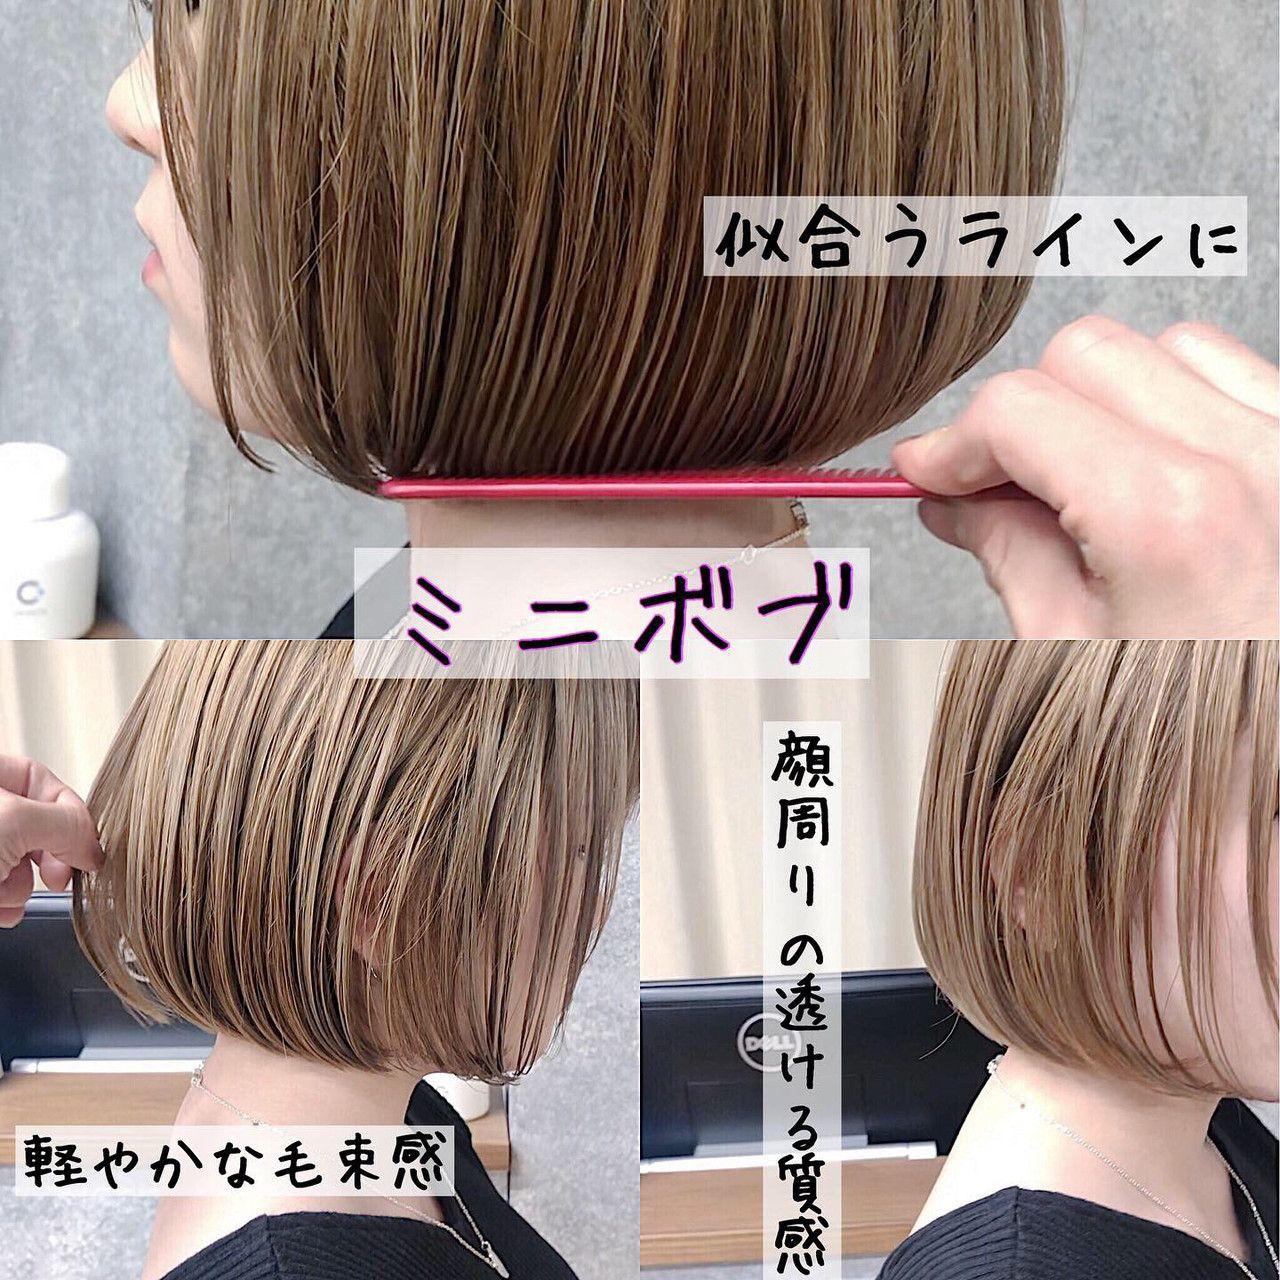 大人ショート ミニボブ 切りっぱなしボブ 縮毛矯正 ヘアスタイルや髪型